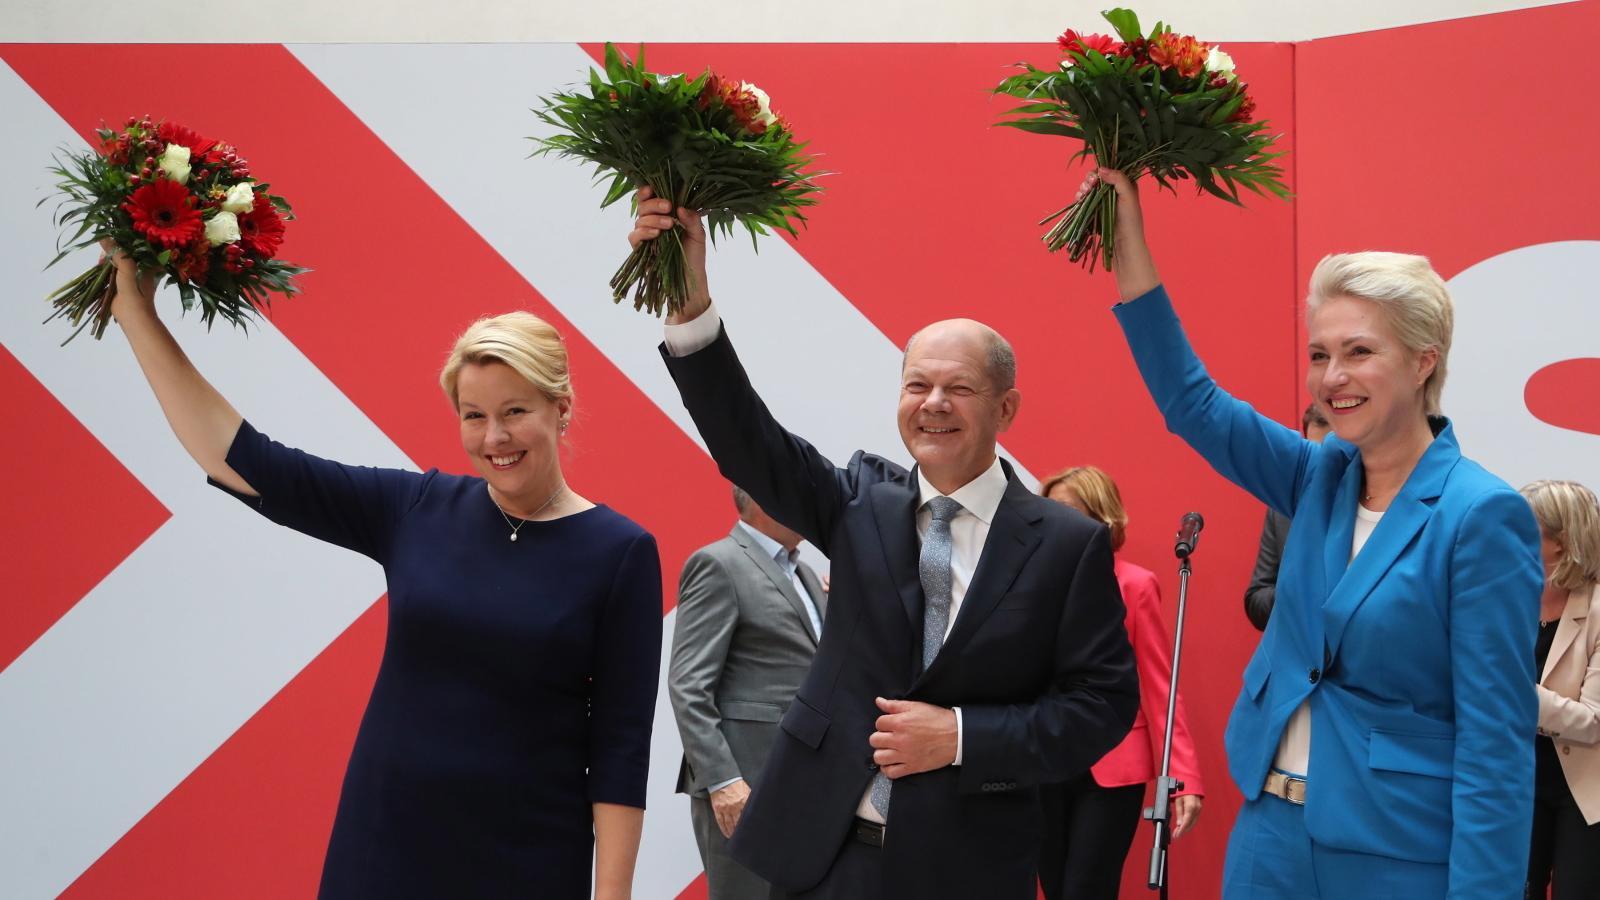 Wybory w Niemczech o włos wygrali socjaldemokraci, ale nie wiadomo, czy stworzą rząd